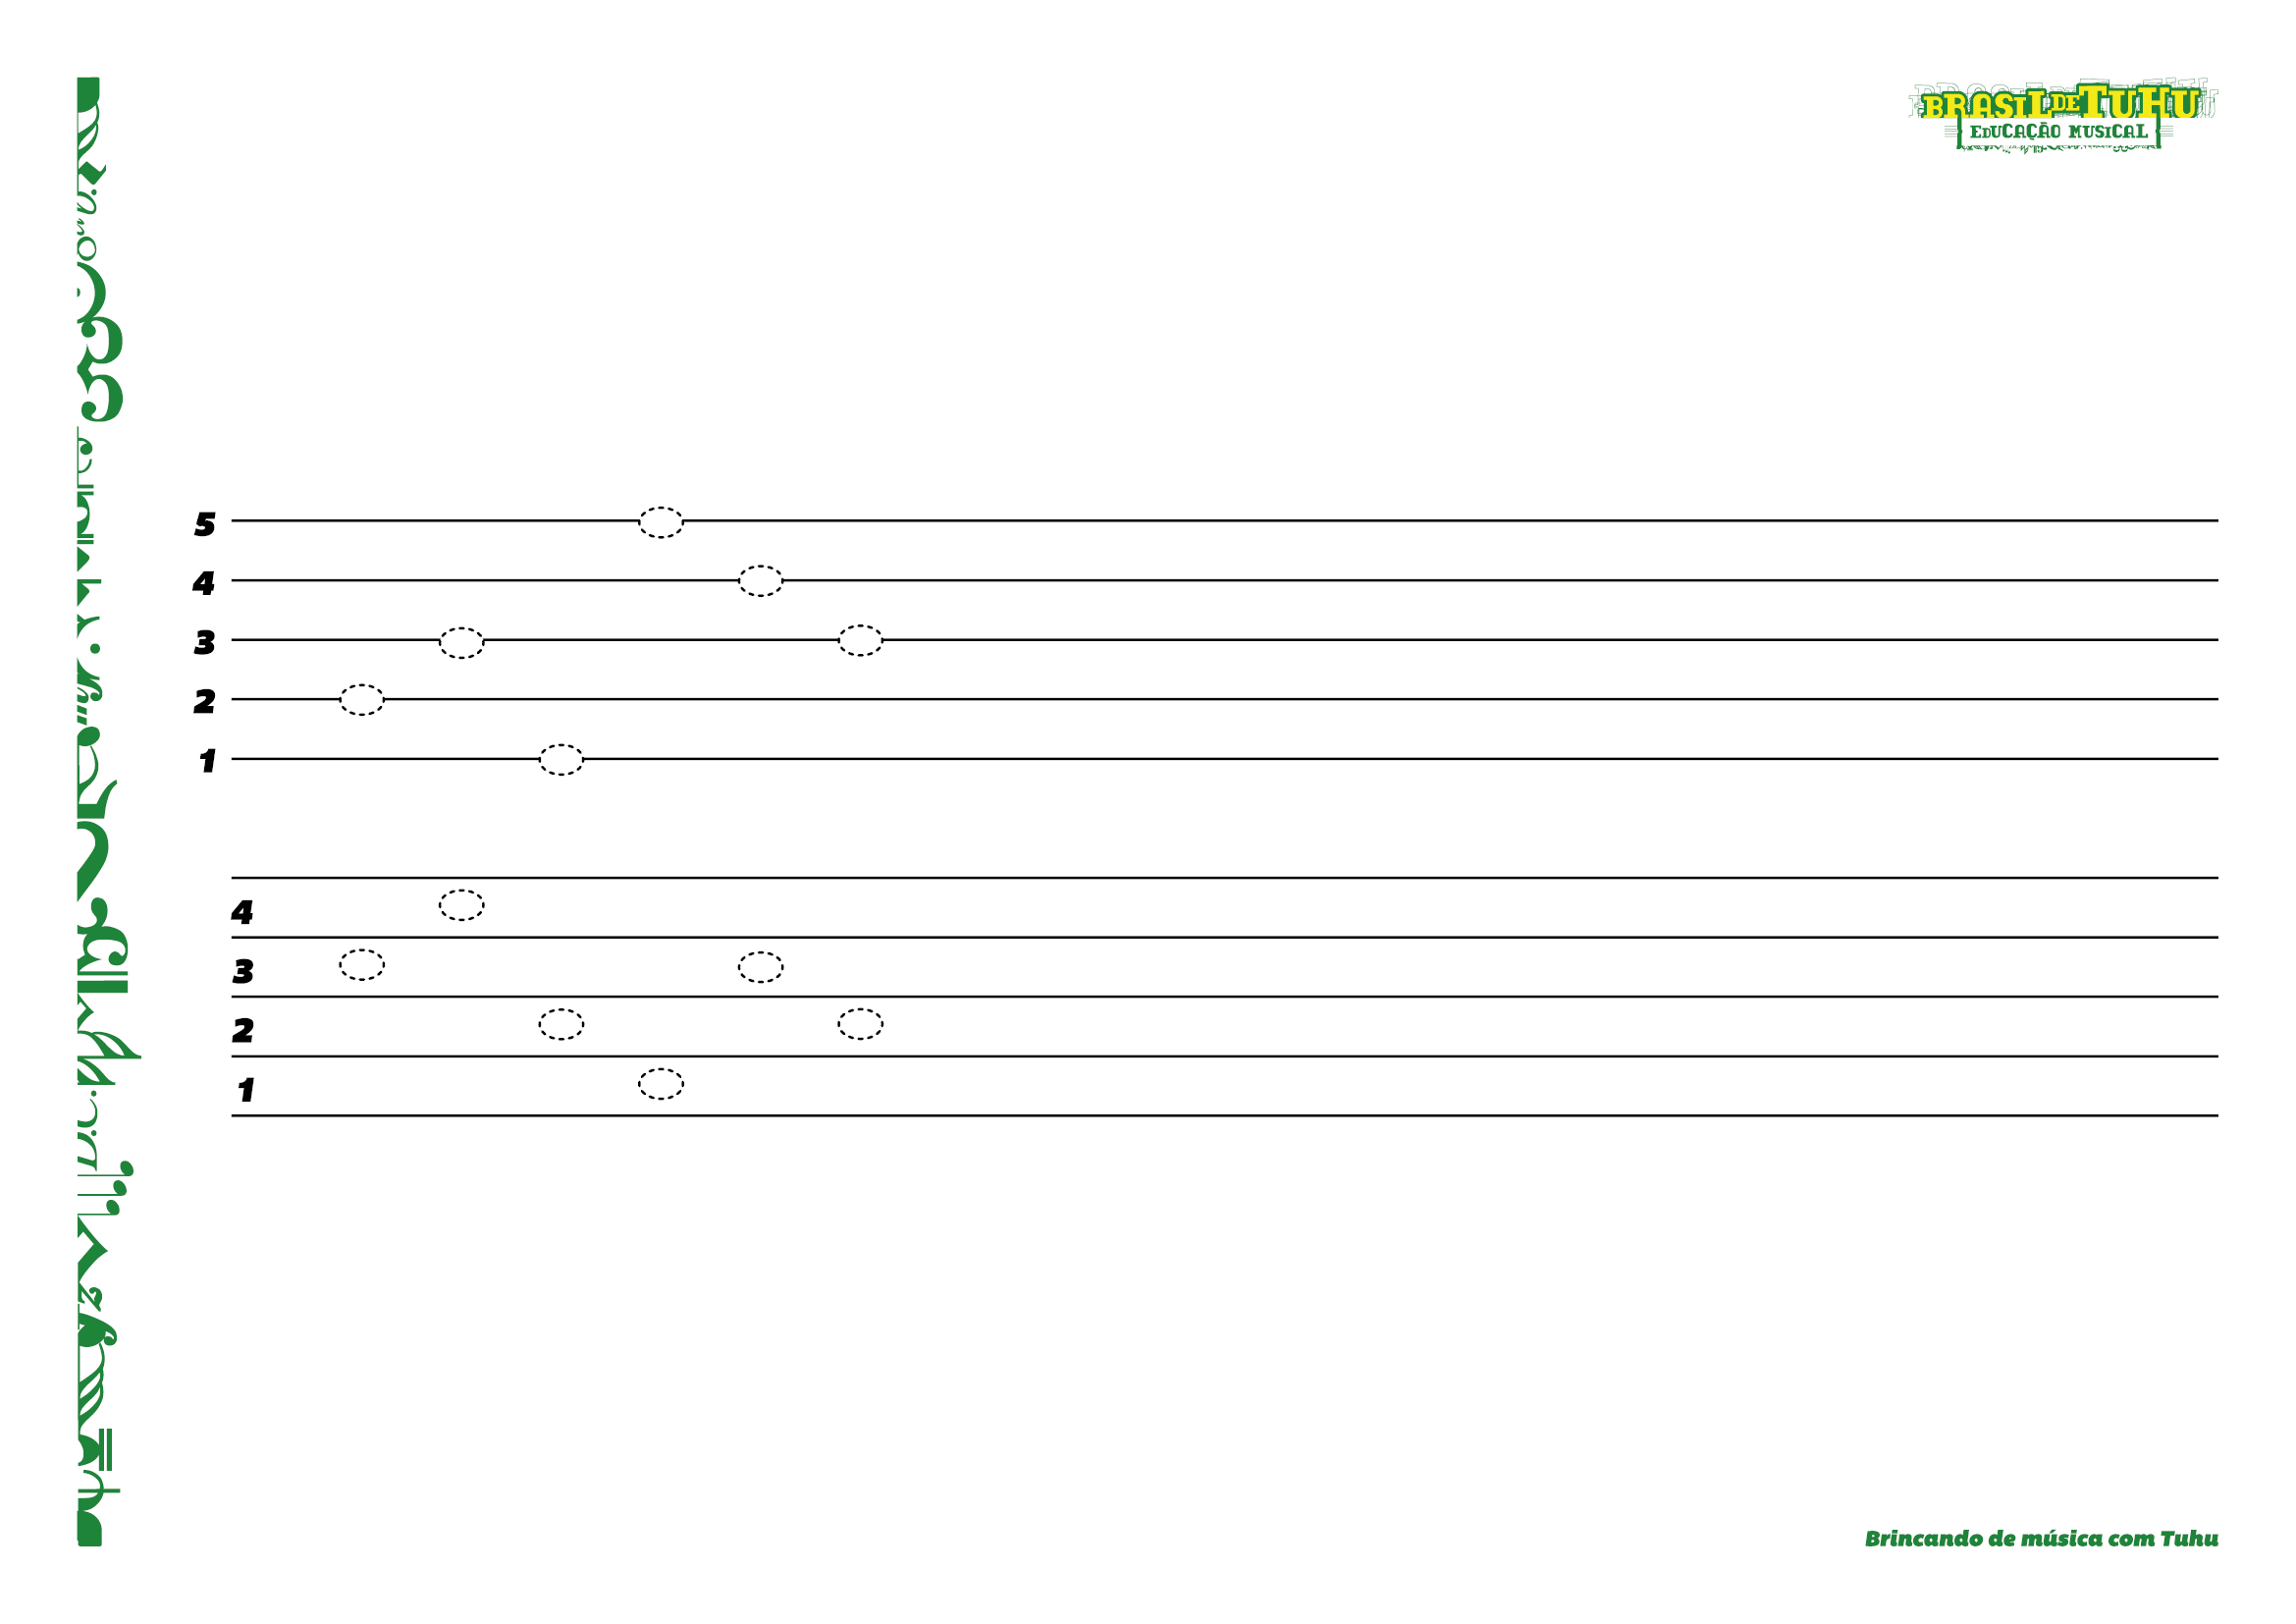 Página 13 da Guia Musical